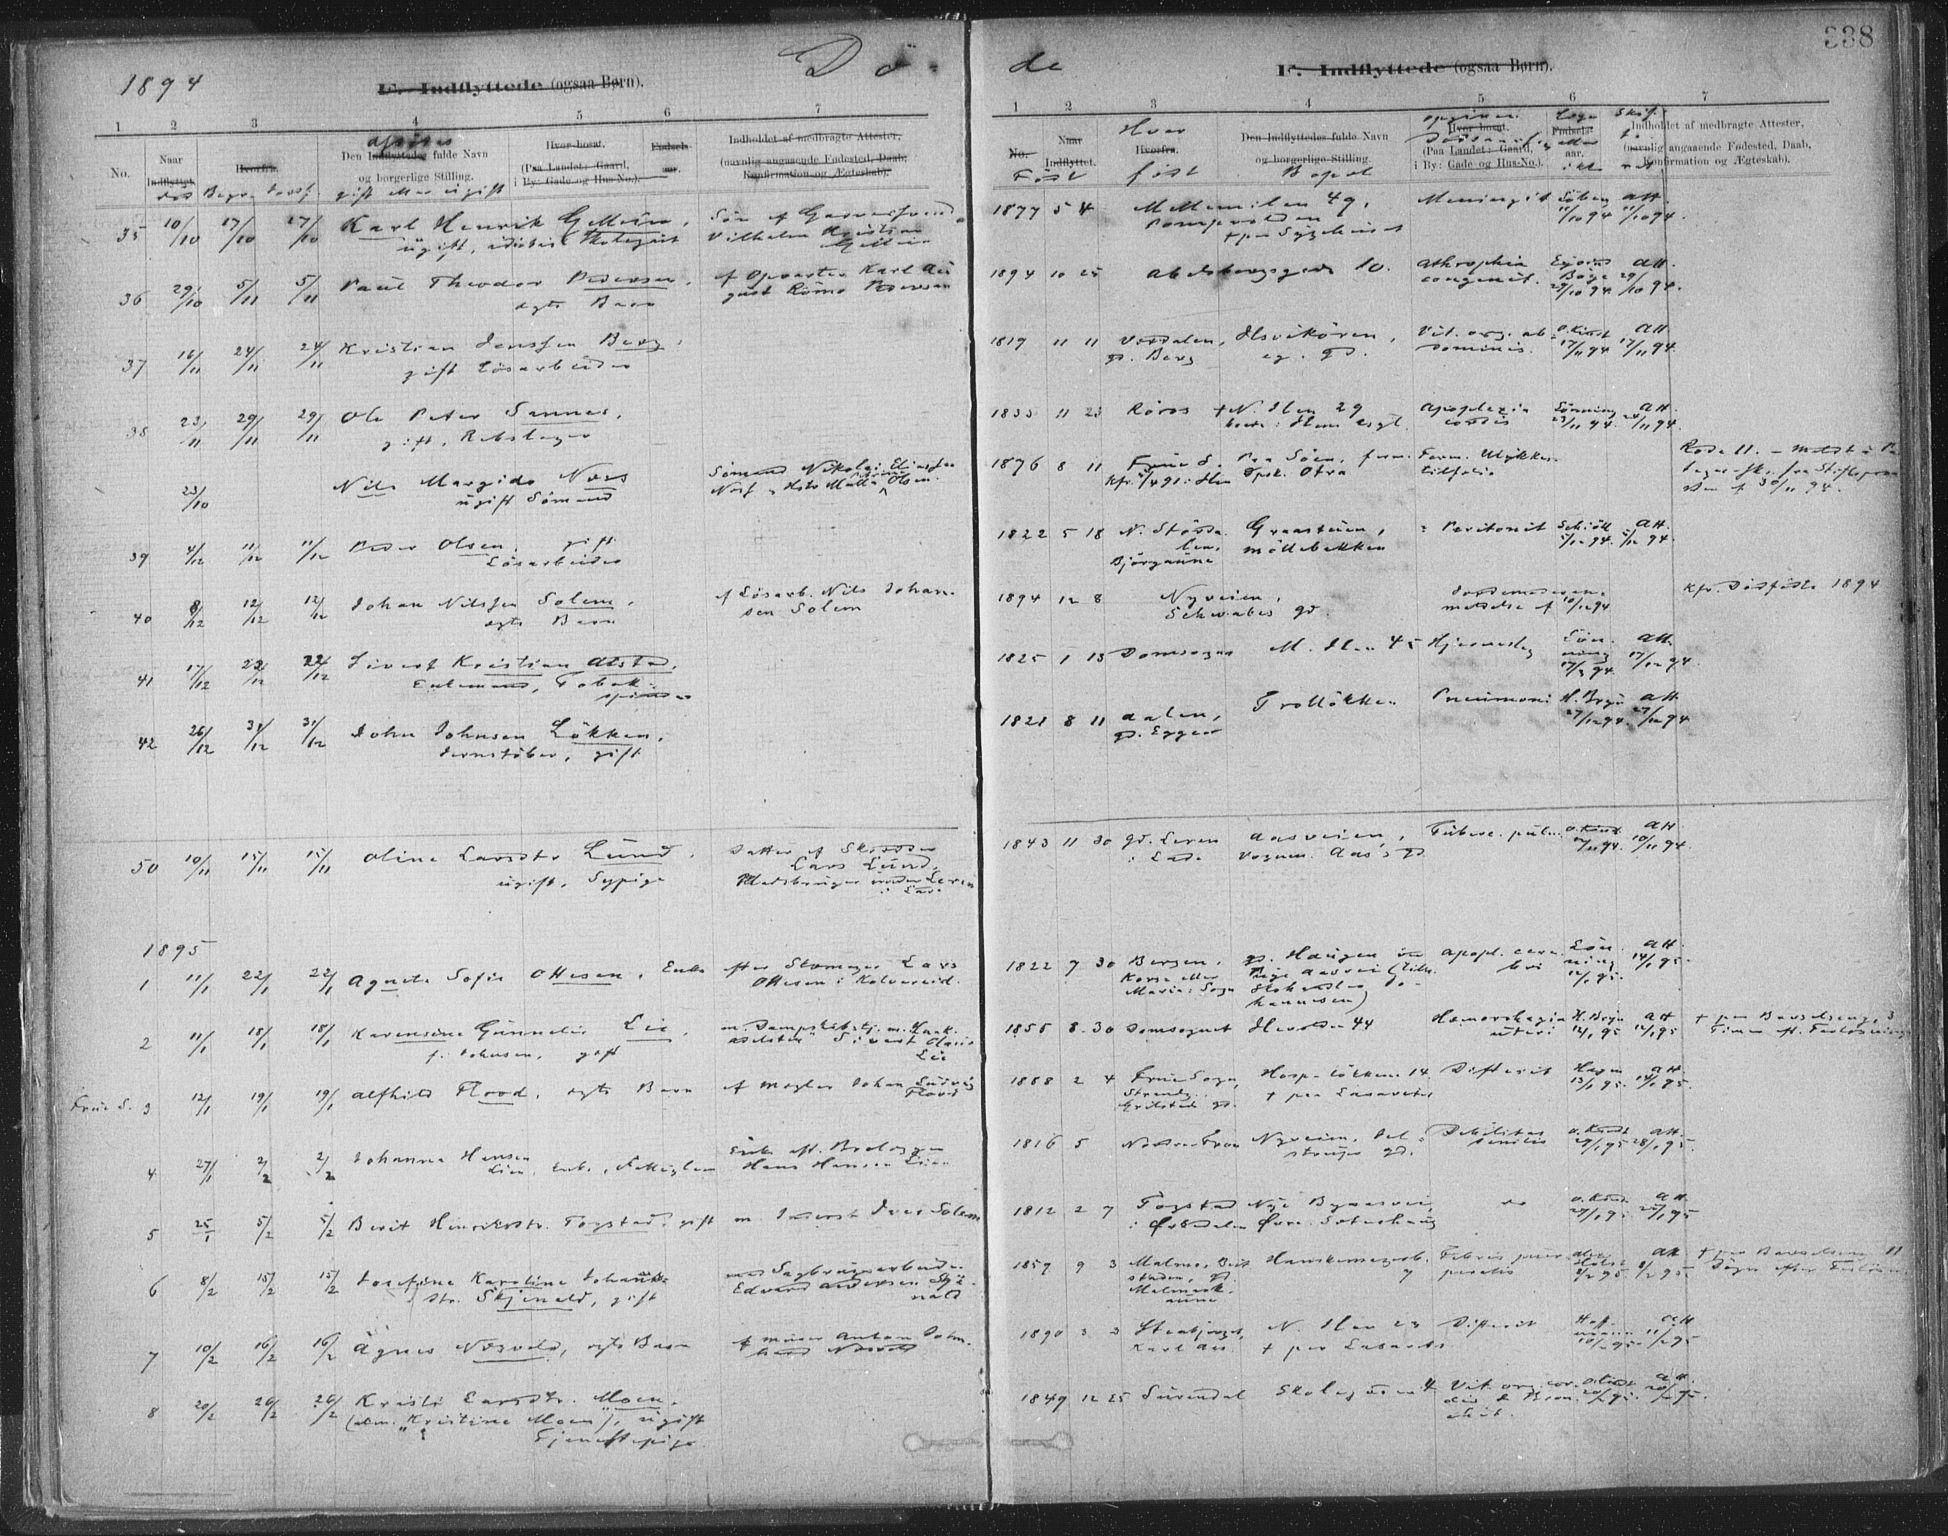 SAT, Ministerialprotokoller, klokkerbøker og fødselsregistre - Sør-Trøndelag, 603/L0163: Ministerialbok nr. 603A02, 1879-1895, s. 338